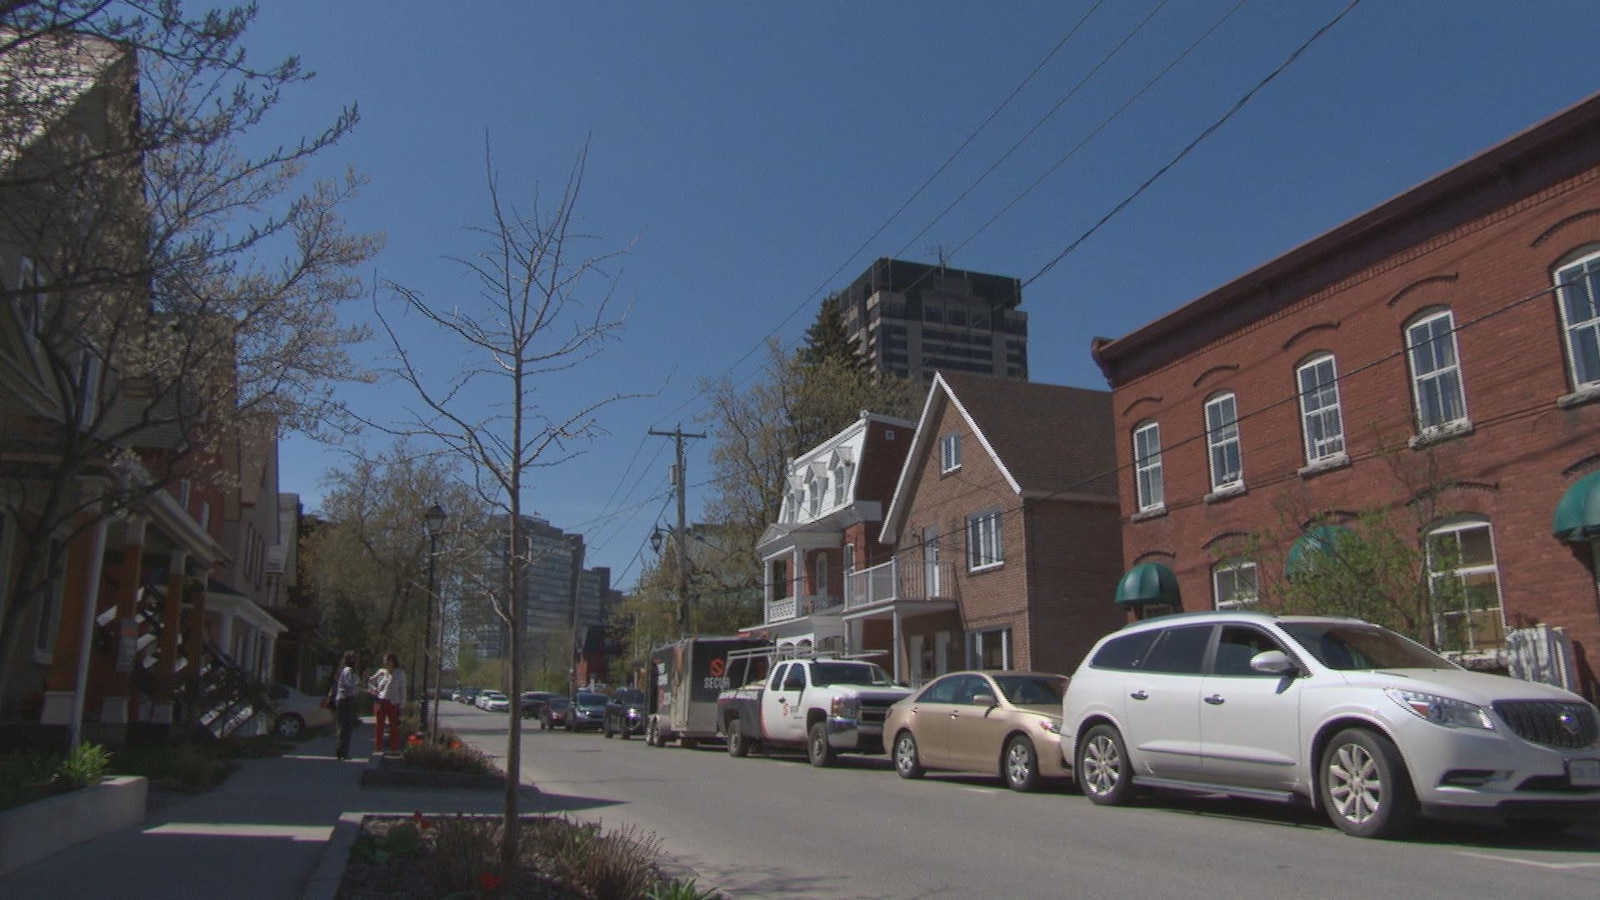 Les maisons à l'architecture distinctive sont aménagées le long d'une rue qui permet d'apercevoir au loin les édifices fédéraux de la promenade du Portage.